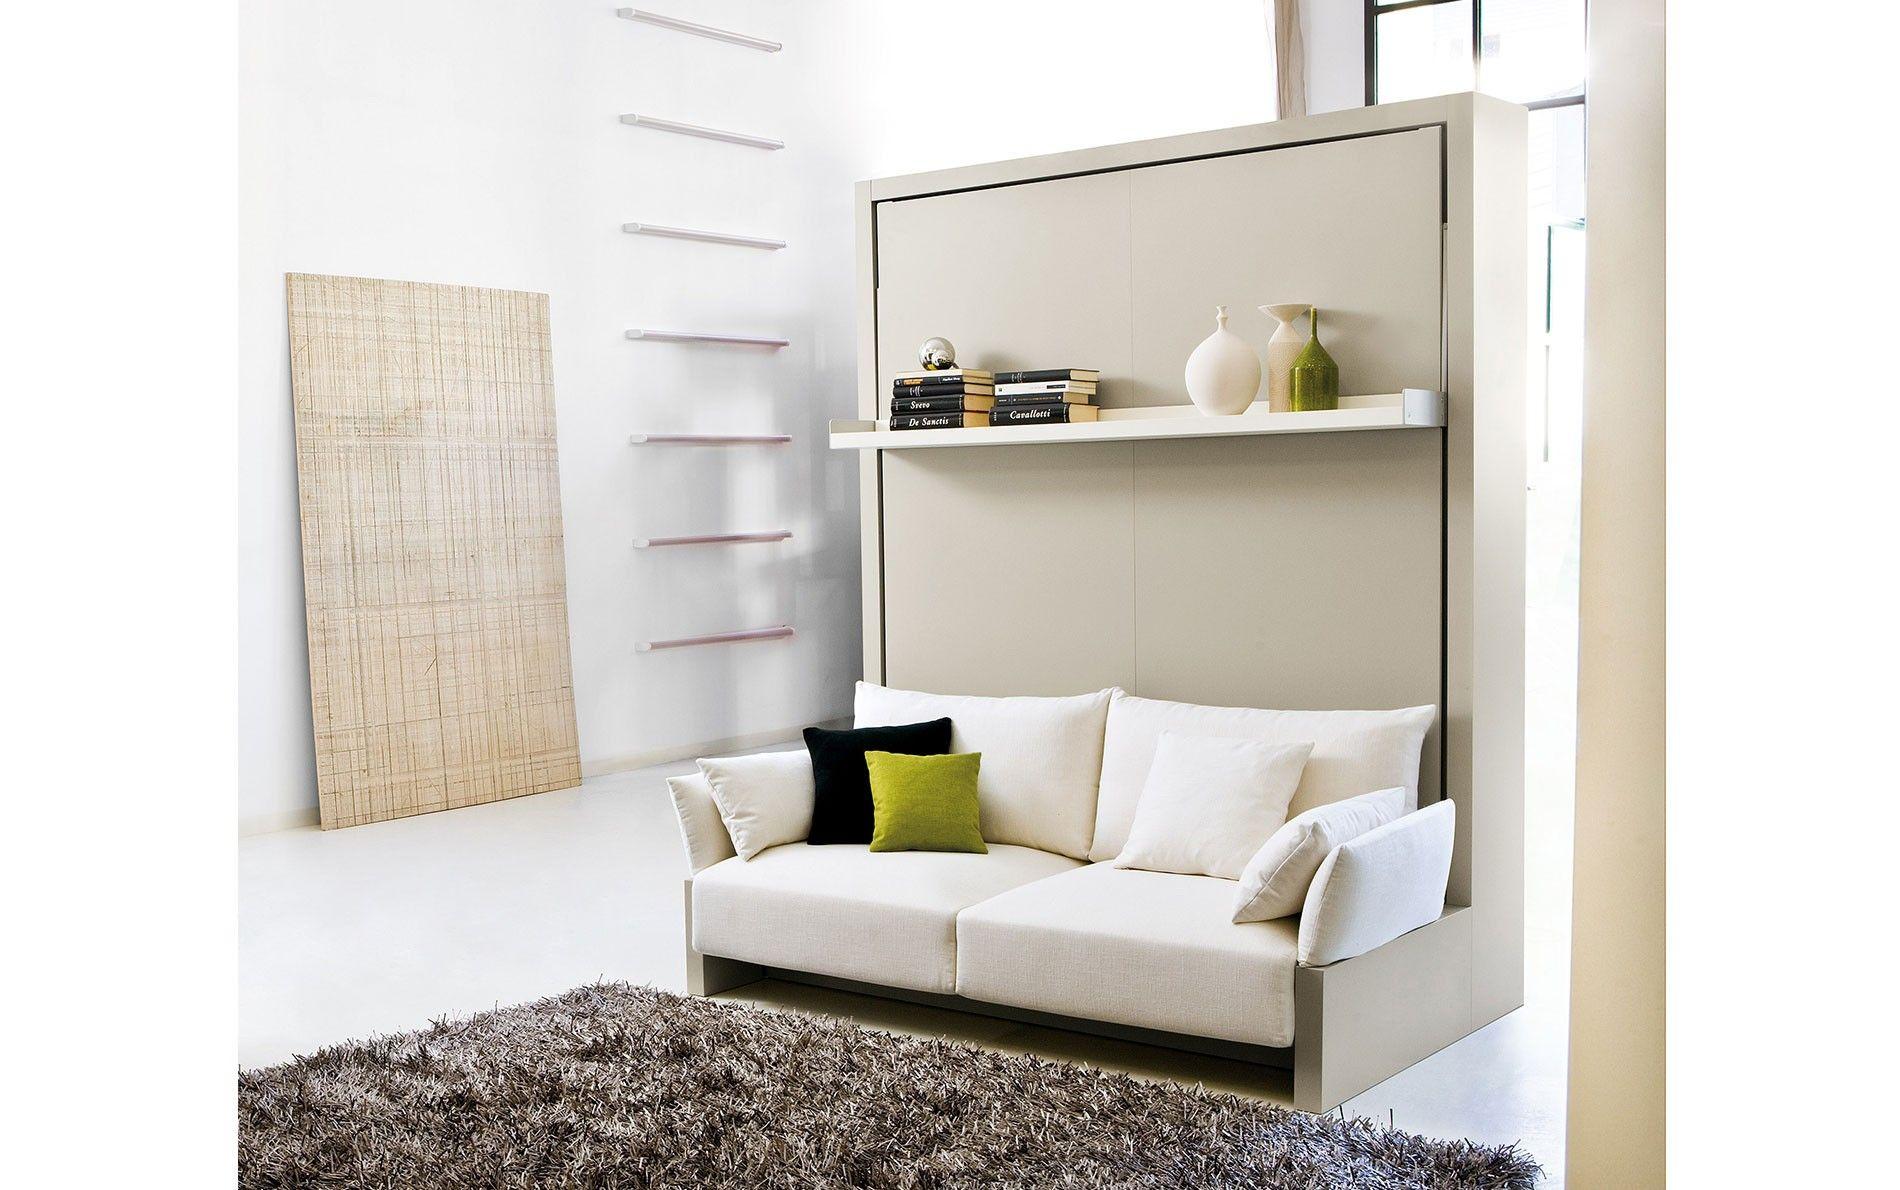 clei schrankbett sofa nuovoliola hochgeklappt m bel klappbett bett und schrankbett. Black Bedroom Furniture Sets. Home Design Ideas